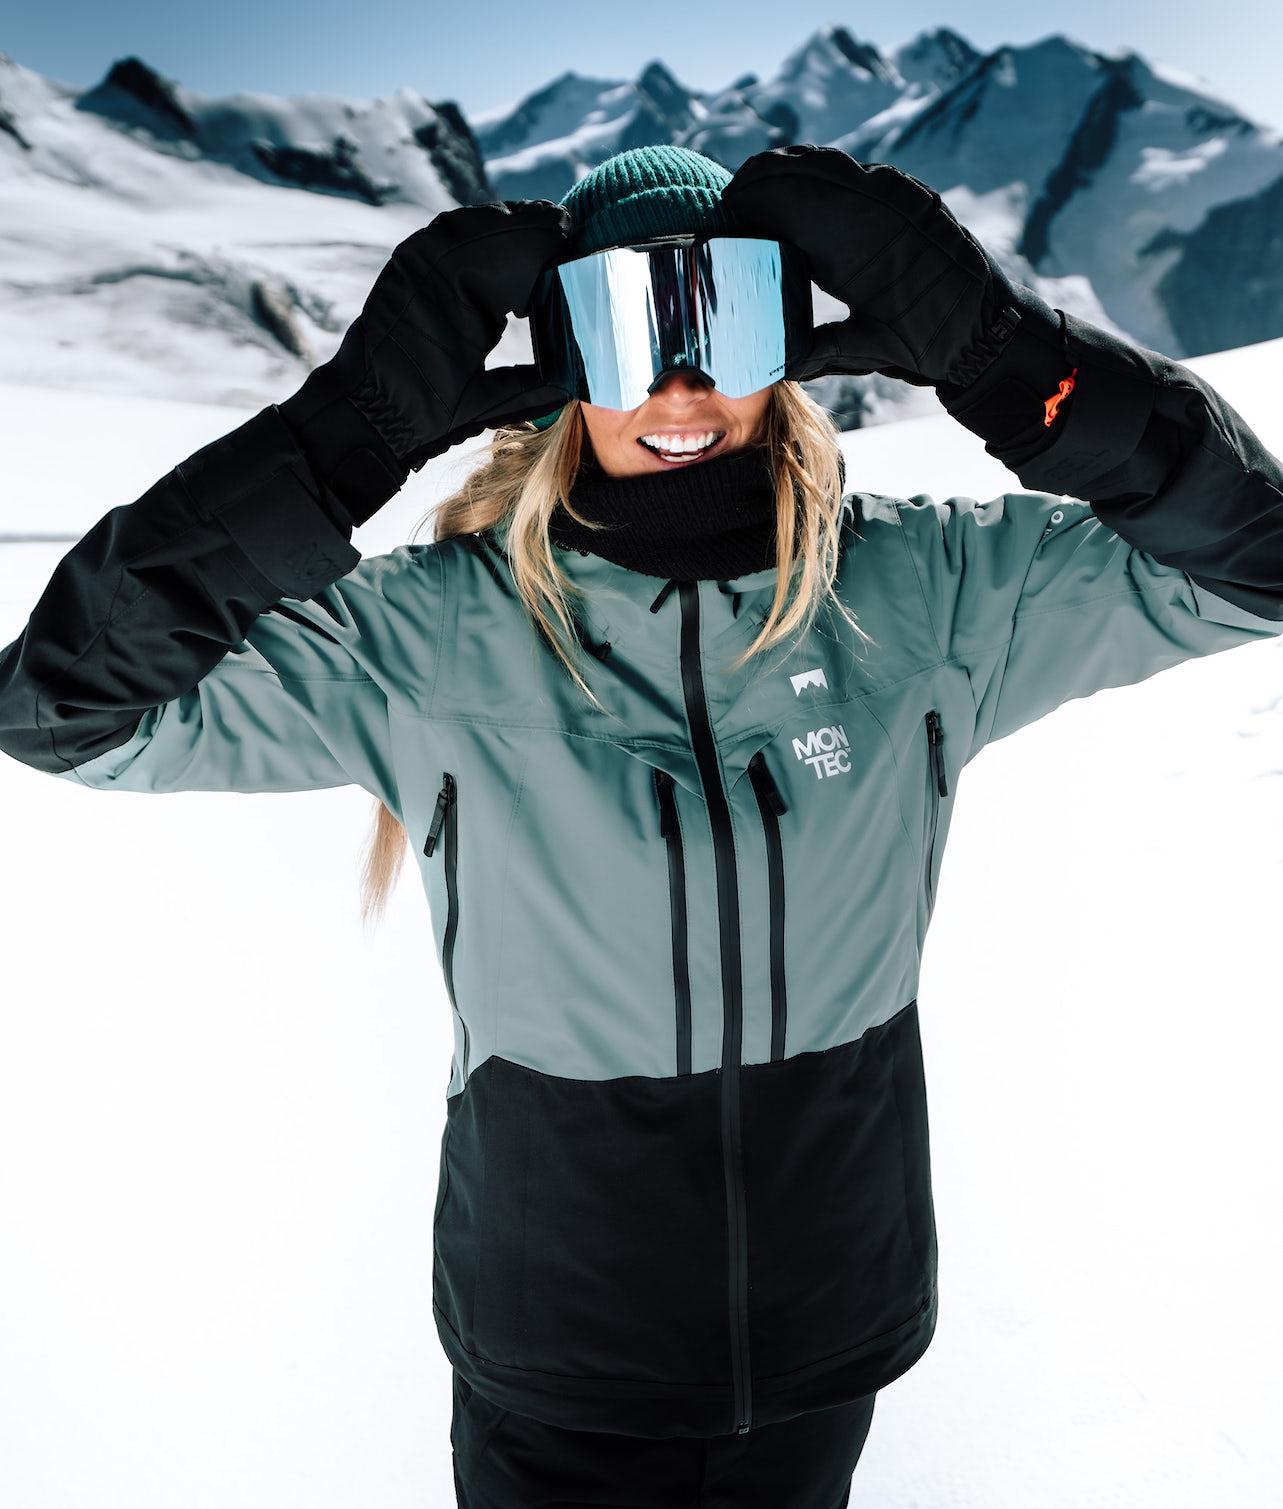 Kjøp Moss Skijakke fra Montec på Ridestore.no - Hos oss har du alltid fri frakt, fri retur og 30 dagers åpent kjøp!